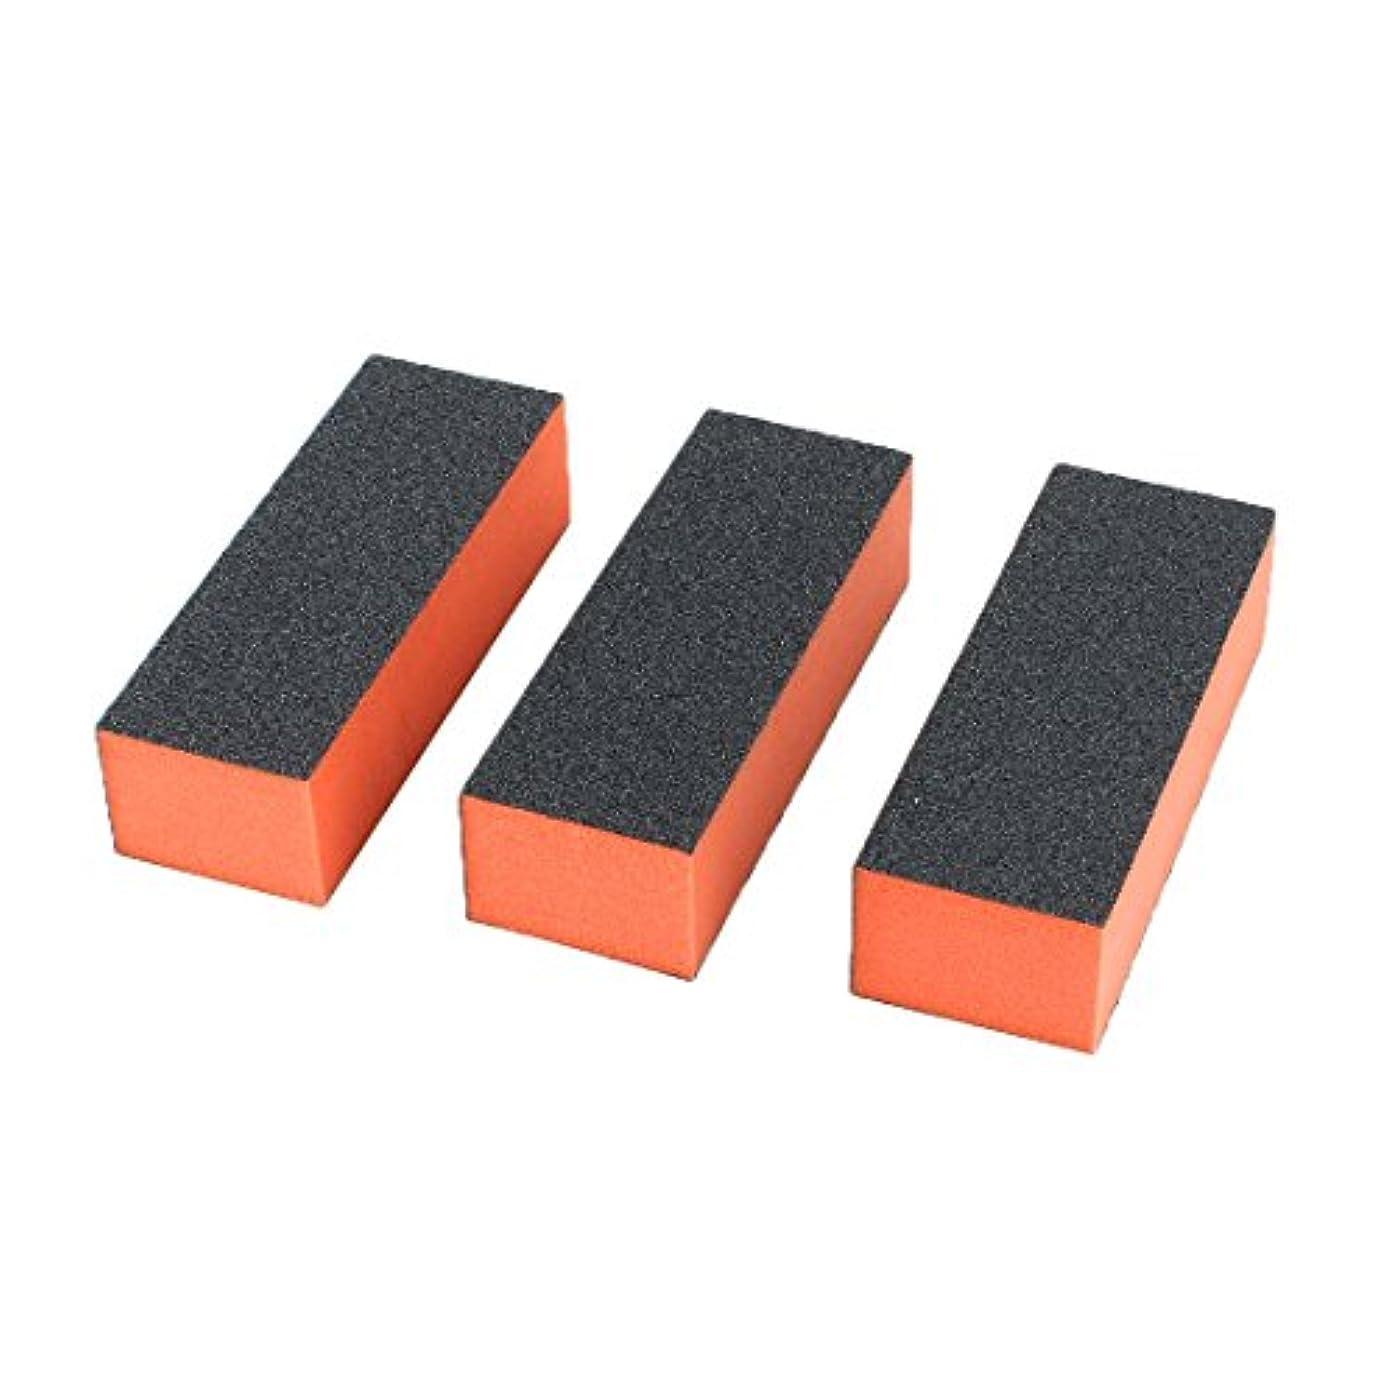 ベース冷ややかなバッグuxcell ネイルファイルブロック マニキュア アクリル ネイルアート バフ研磨 サンディング レディ用 3ウェイ 3個入り